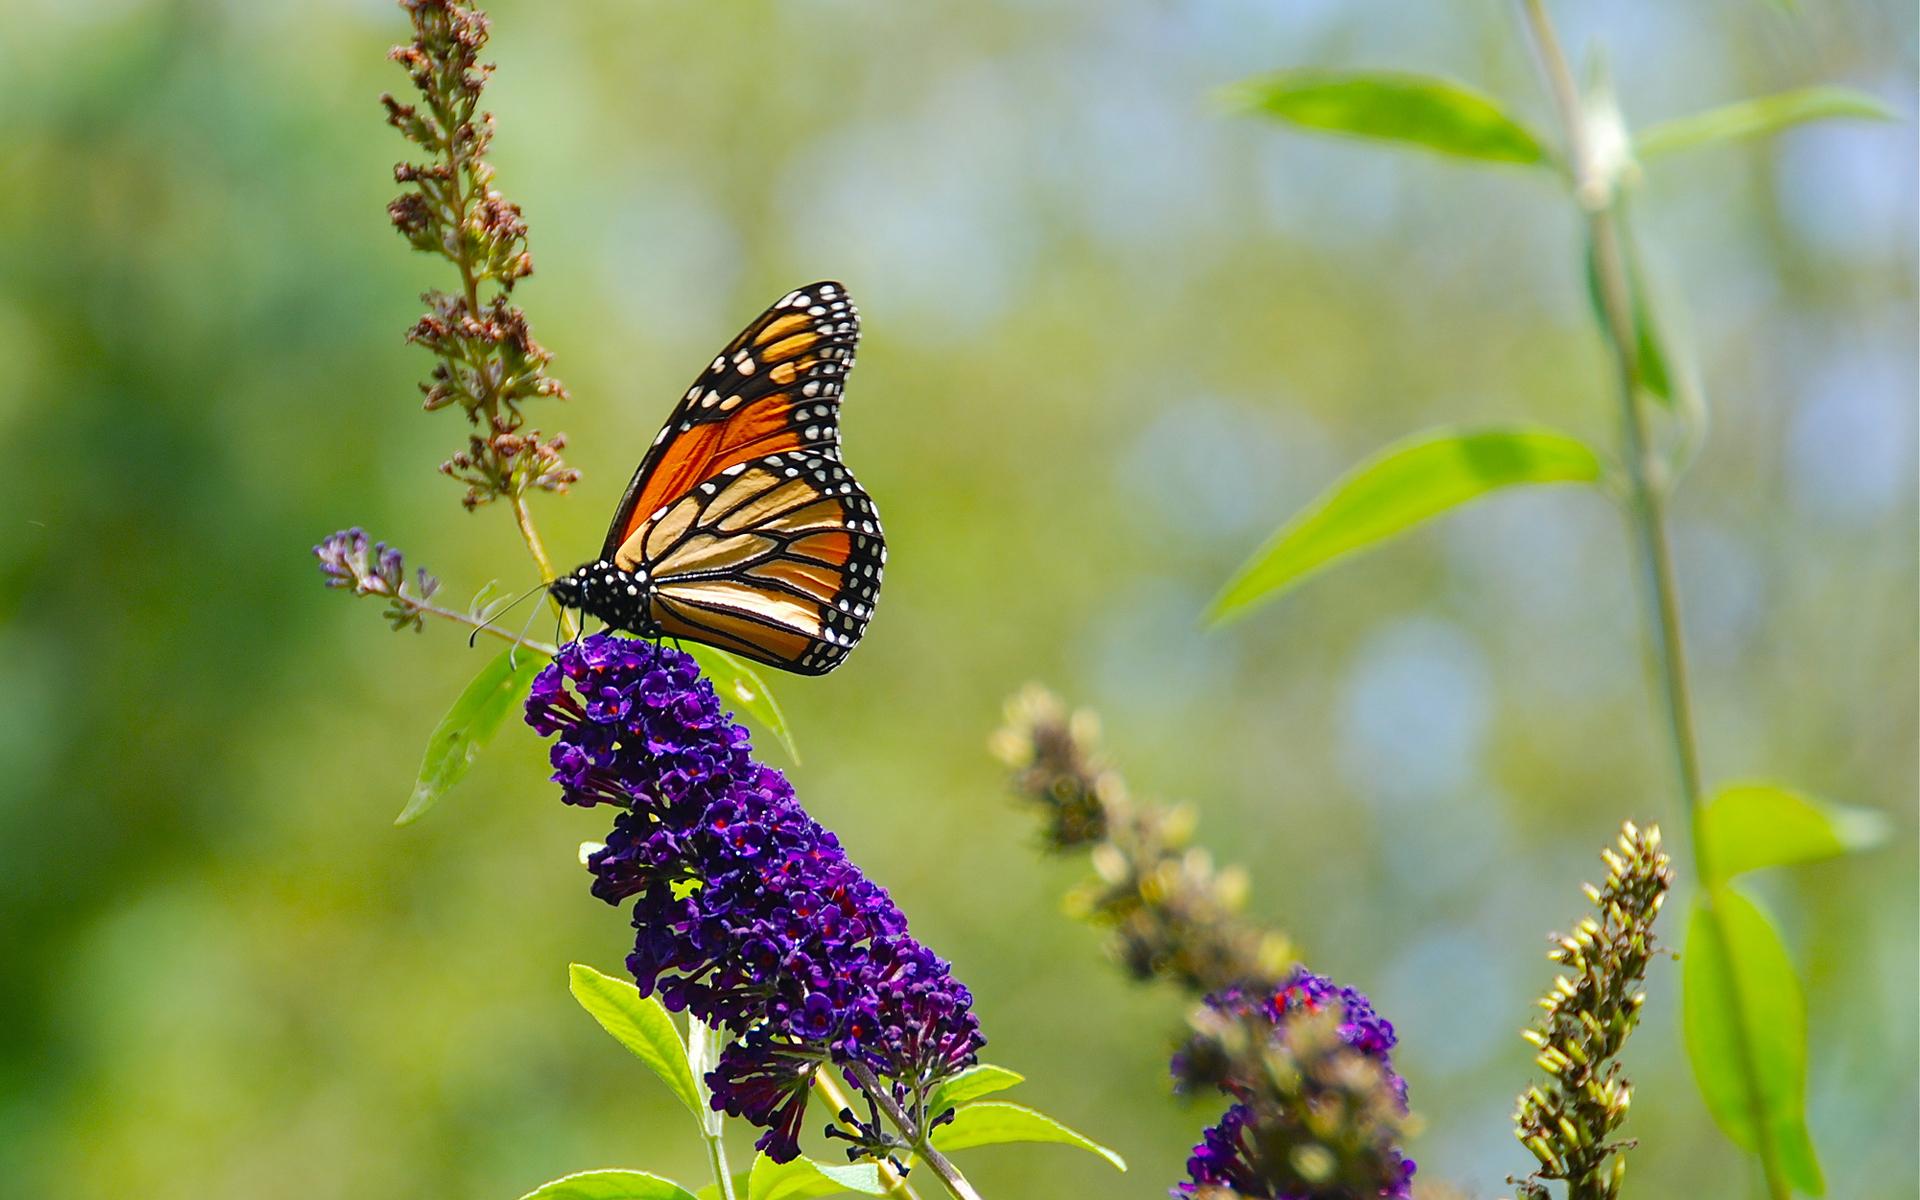 Картинки Данаида монарх Бабочки Насекомые Животные 1920x1200 бабочка насекомое животное